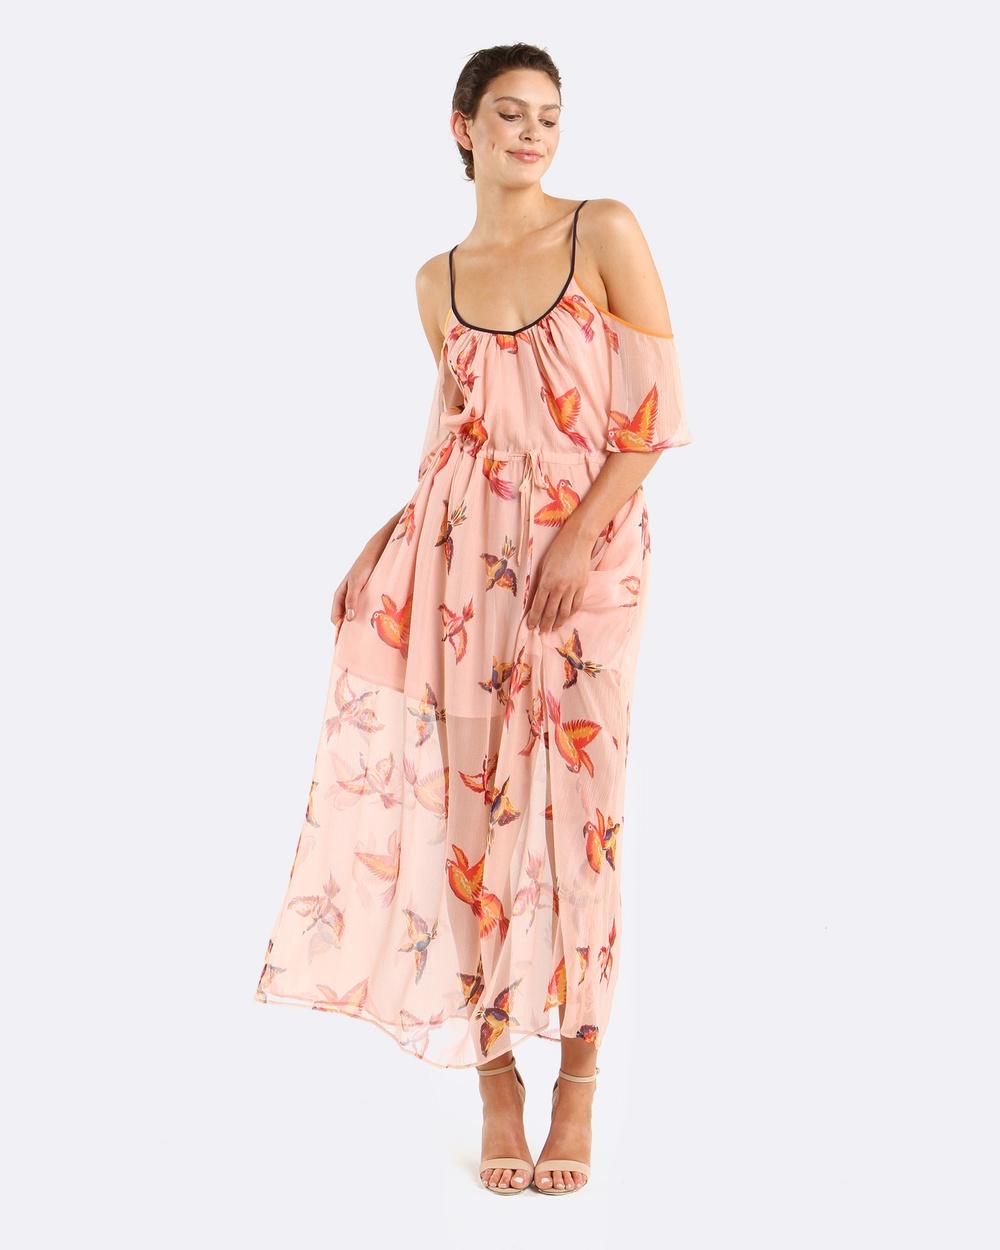 Coco Ribbon Parrot Polka Maxi Dress Dresses Peach Parrot Parrot Polka Maxi Dress